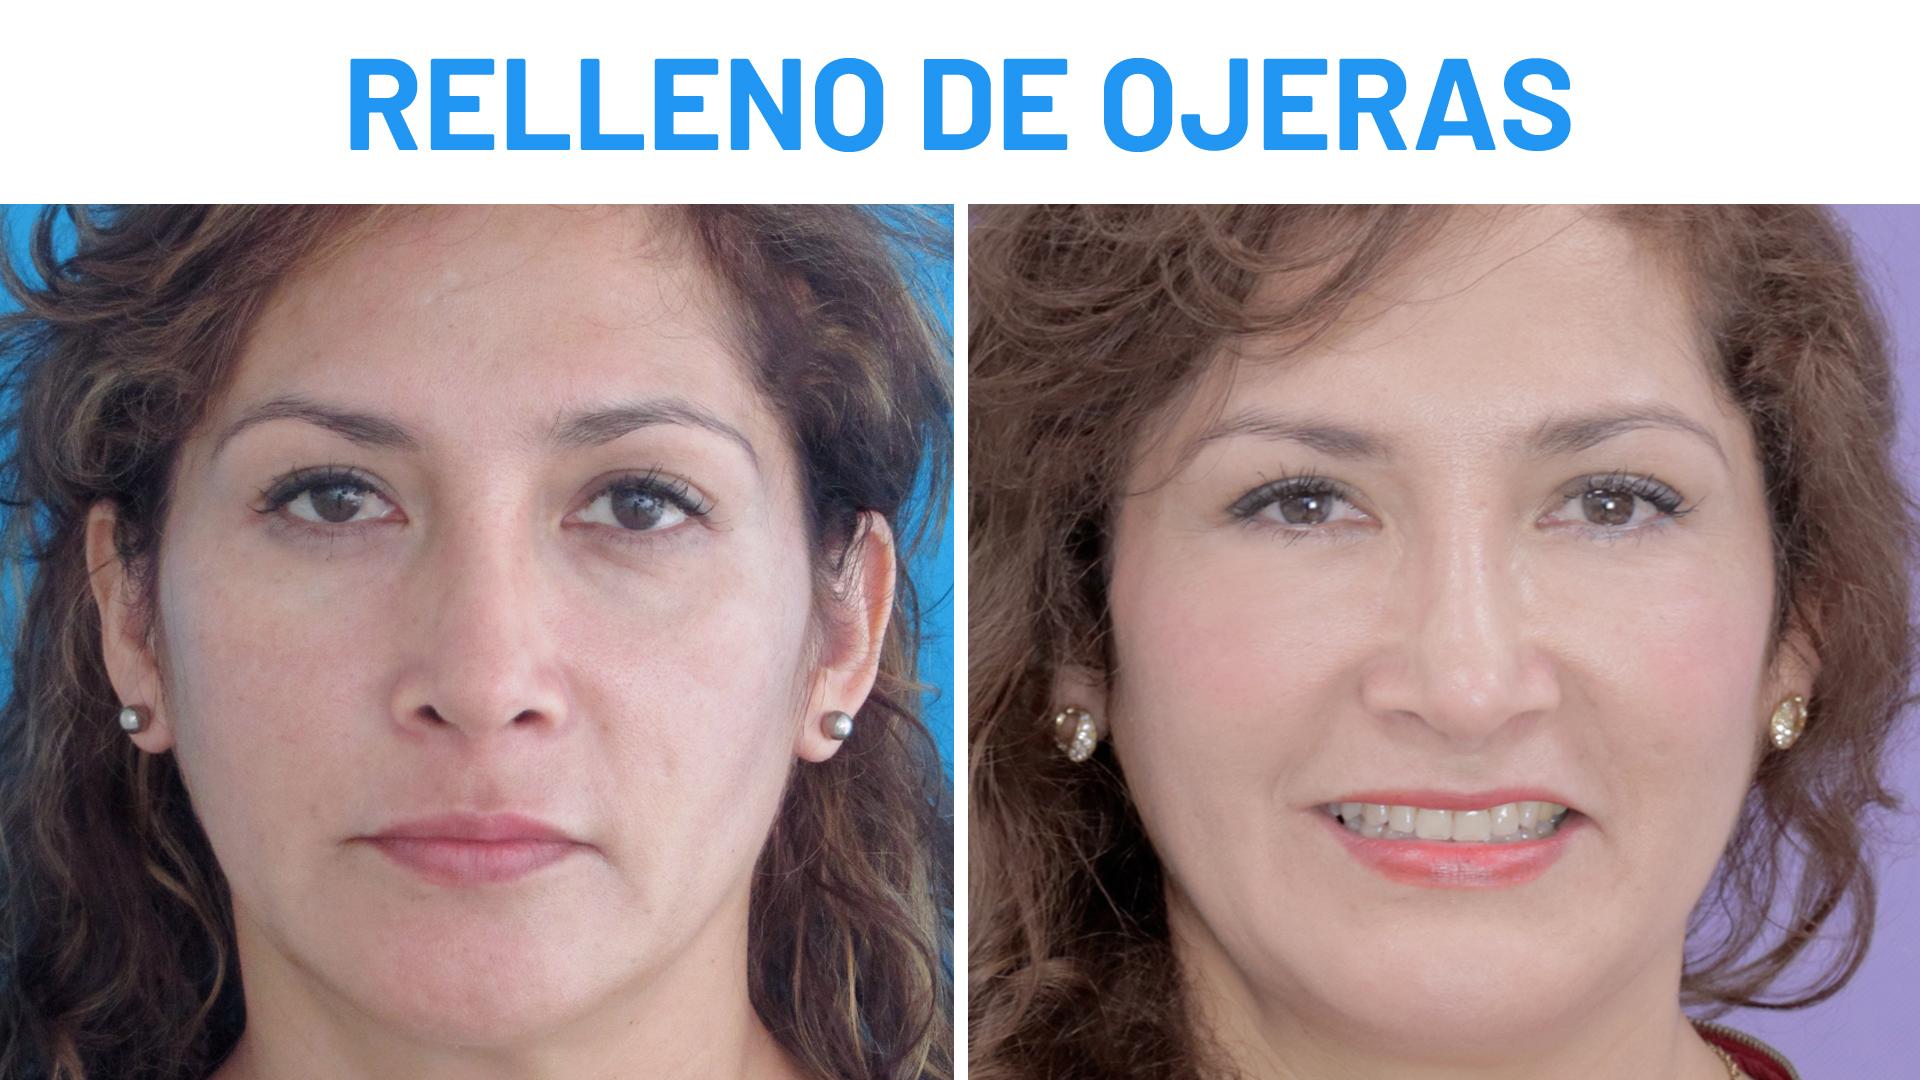 Eliminar ojeras antes y despues de adelgazar